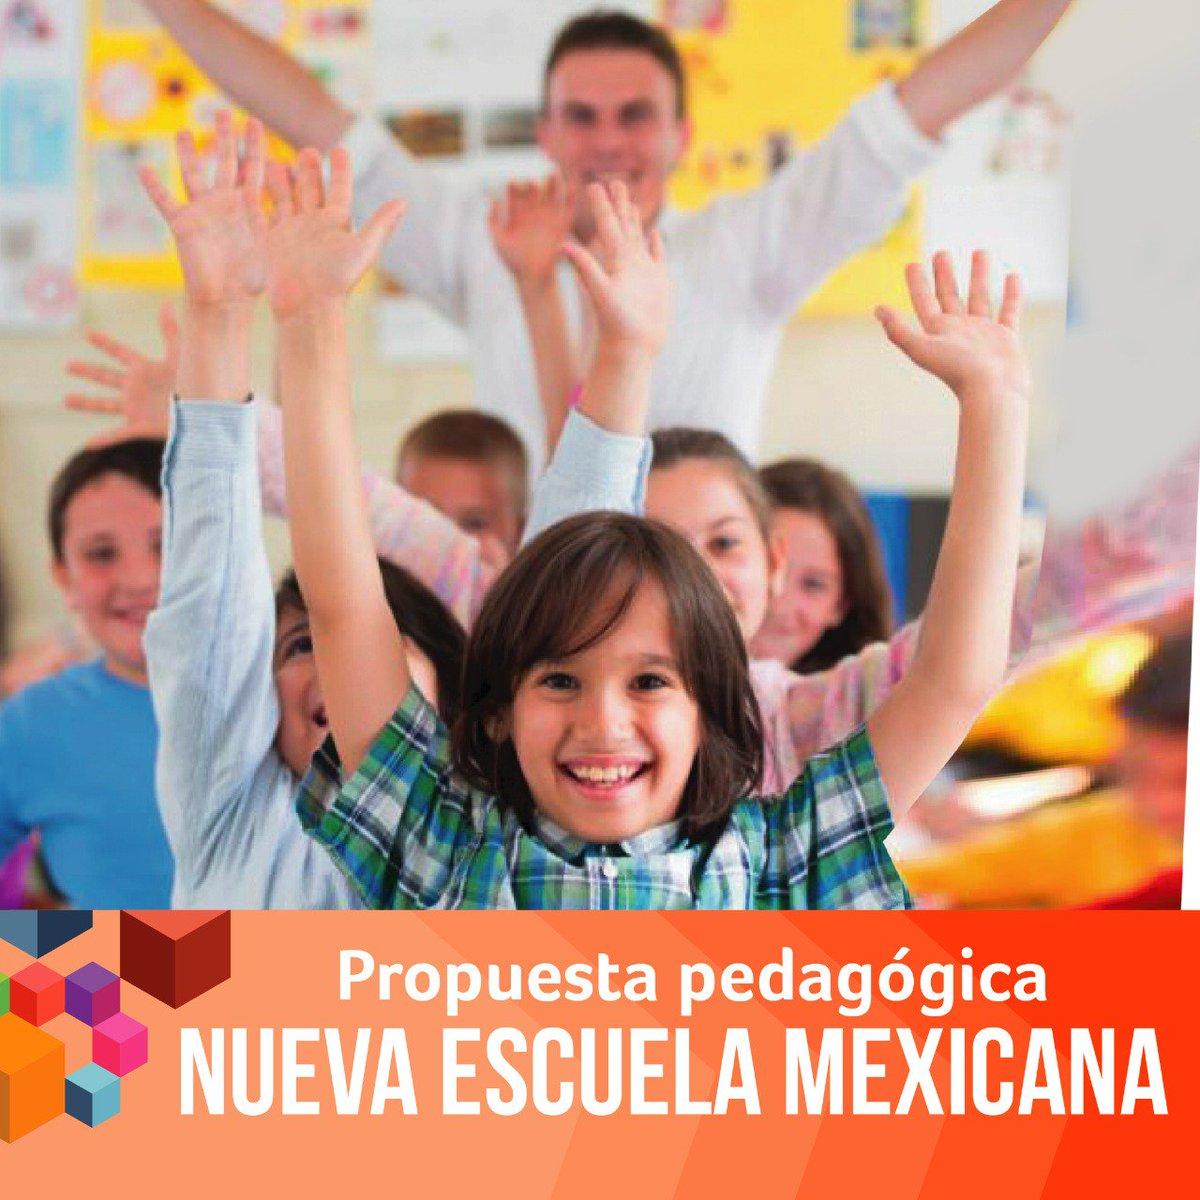 #SNTEconMéxico 👩🏫🇲🇽👨🏫 ➡️ #SNTE 🔴 CONVOCA 🔴 Propuesta Pedagógica: Nueva Escuela Mexicana 🇲🇽 Estrategias nacionales de inclusión✅ Atención a primera infancia✅ y mejora de escuelas normales✅ CHECA Bases 👉bit.ly/2mKQbLM o pide informes en tu Sección Sindical 👥